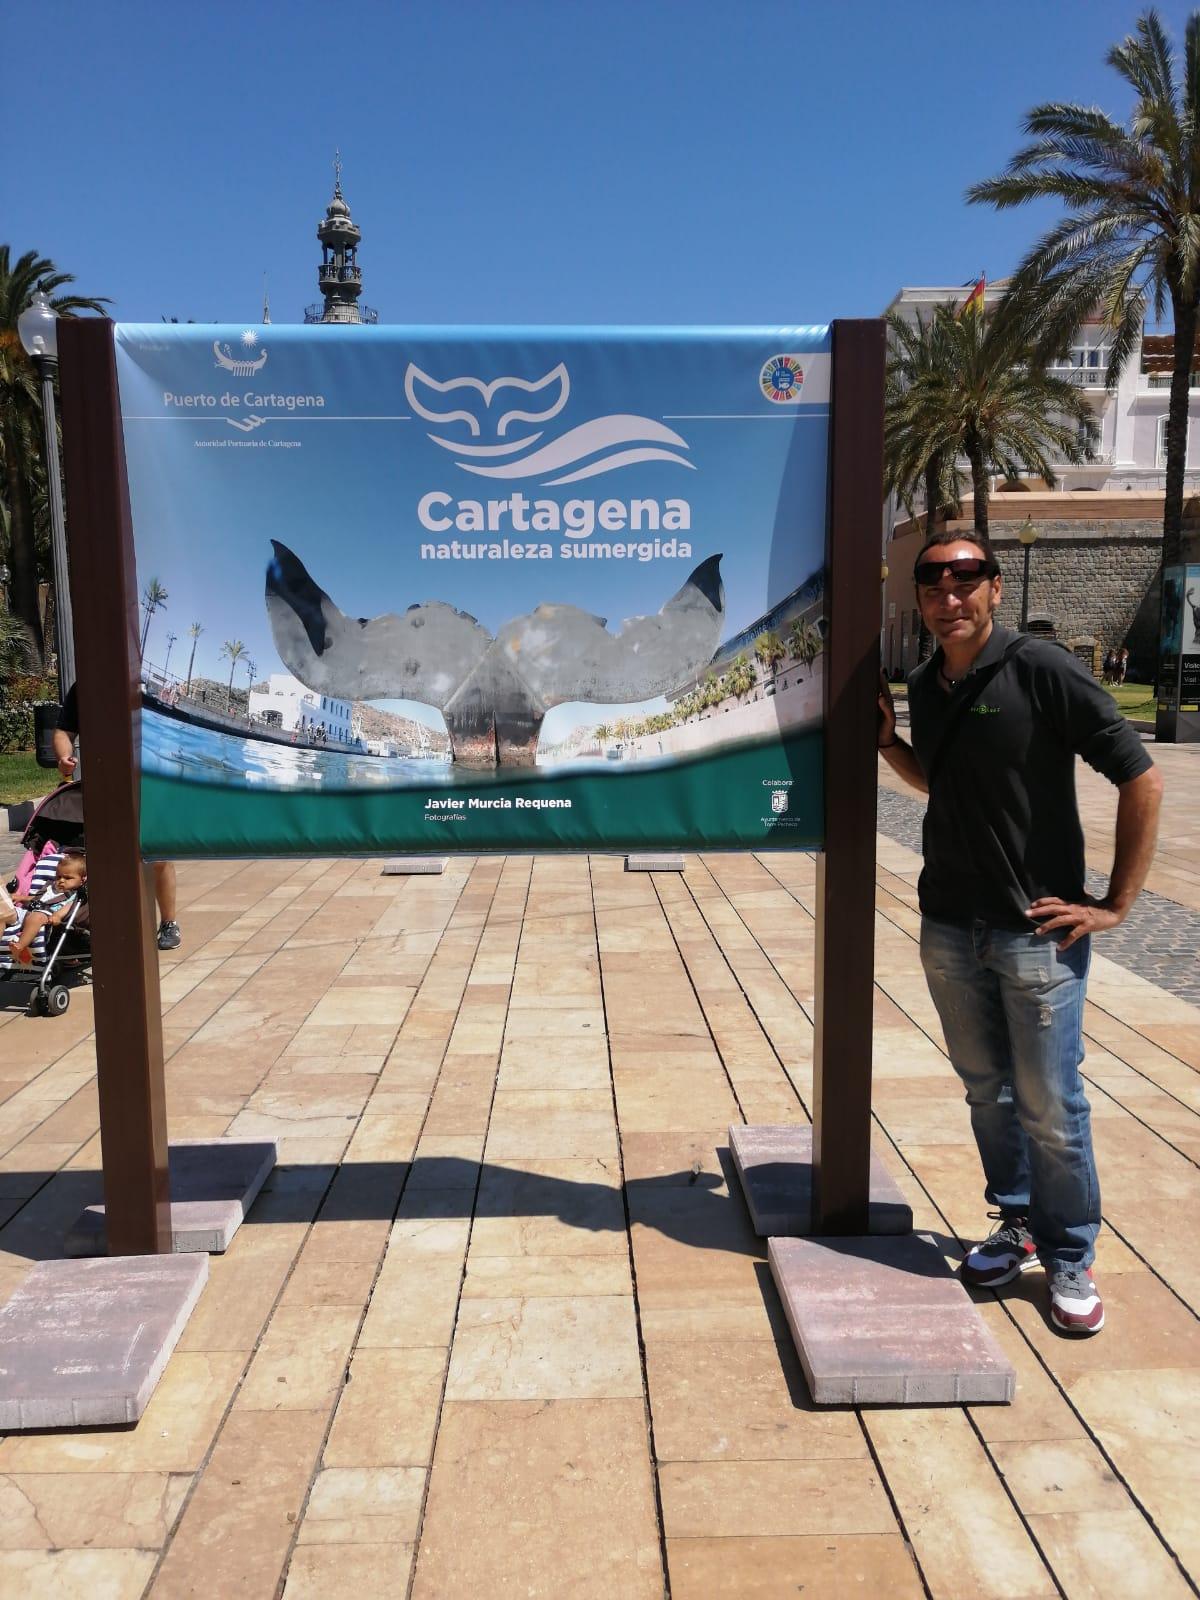 Javier Murcia, ante la imagen que abre la exposición y sirve de cartel